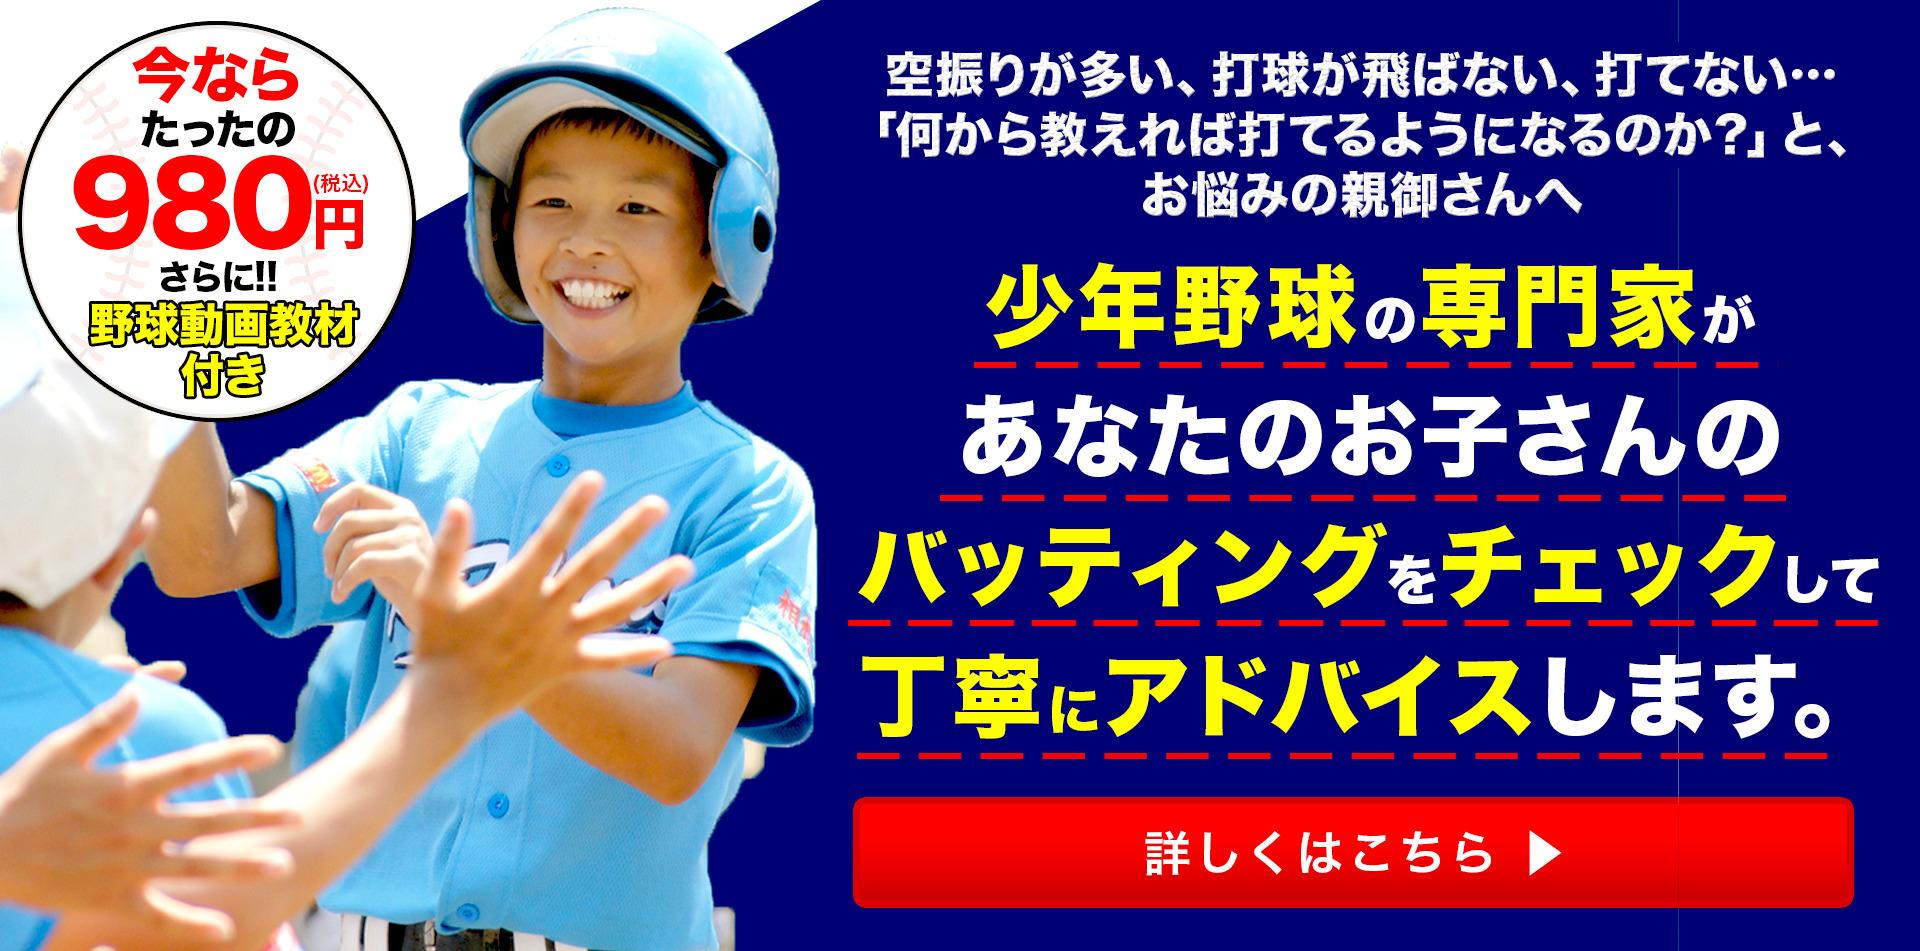 今なら、たったの980円(税込)で少年野球の専門家があなたのお子さんのバッティングをチェックして丁寧にアドバイスします